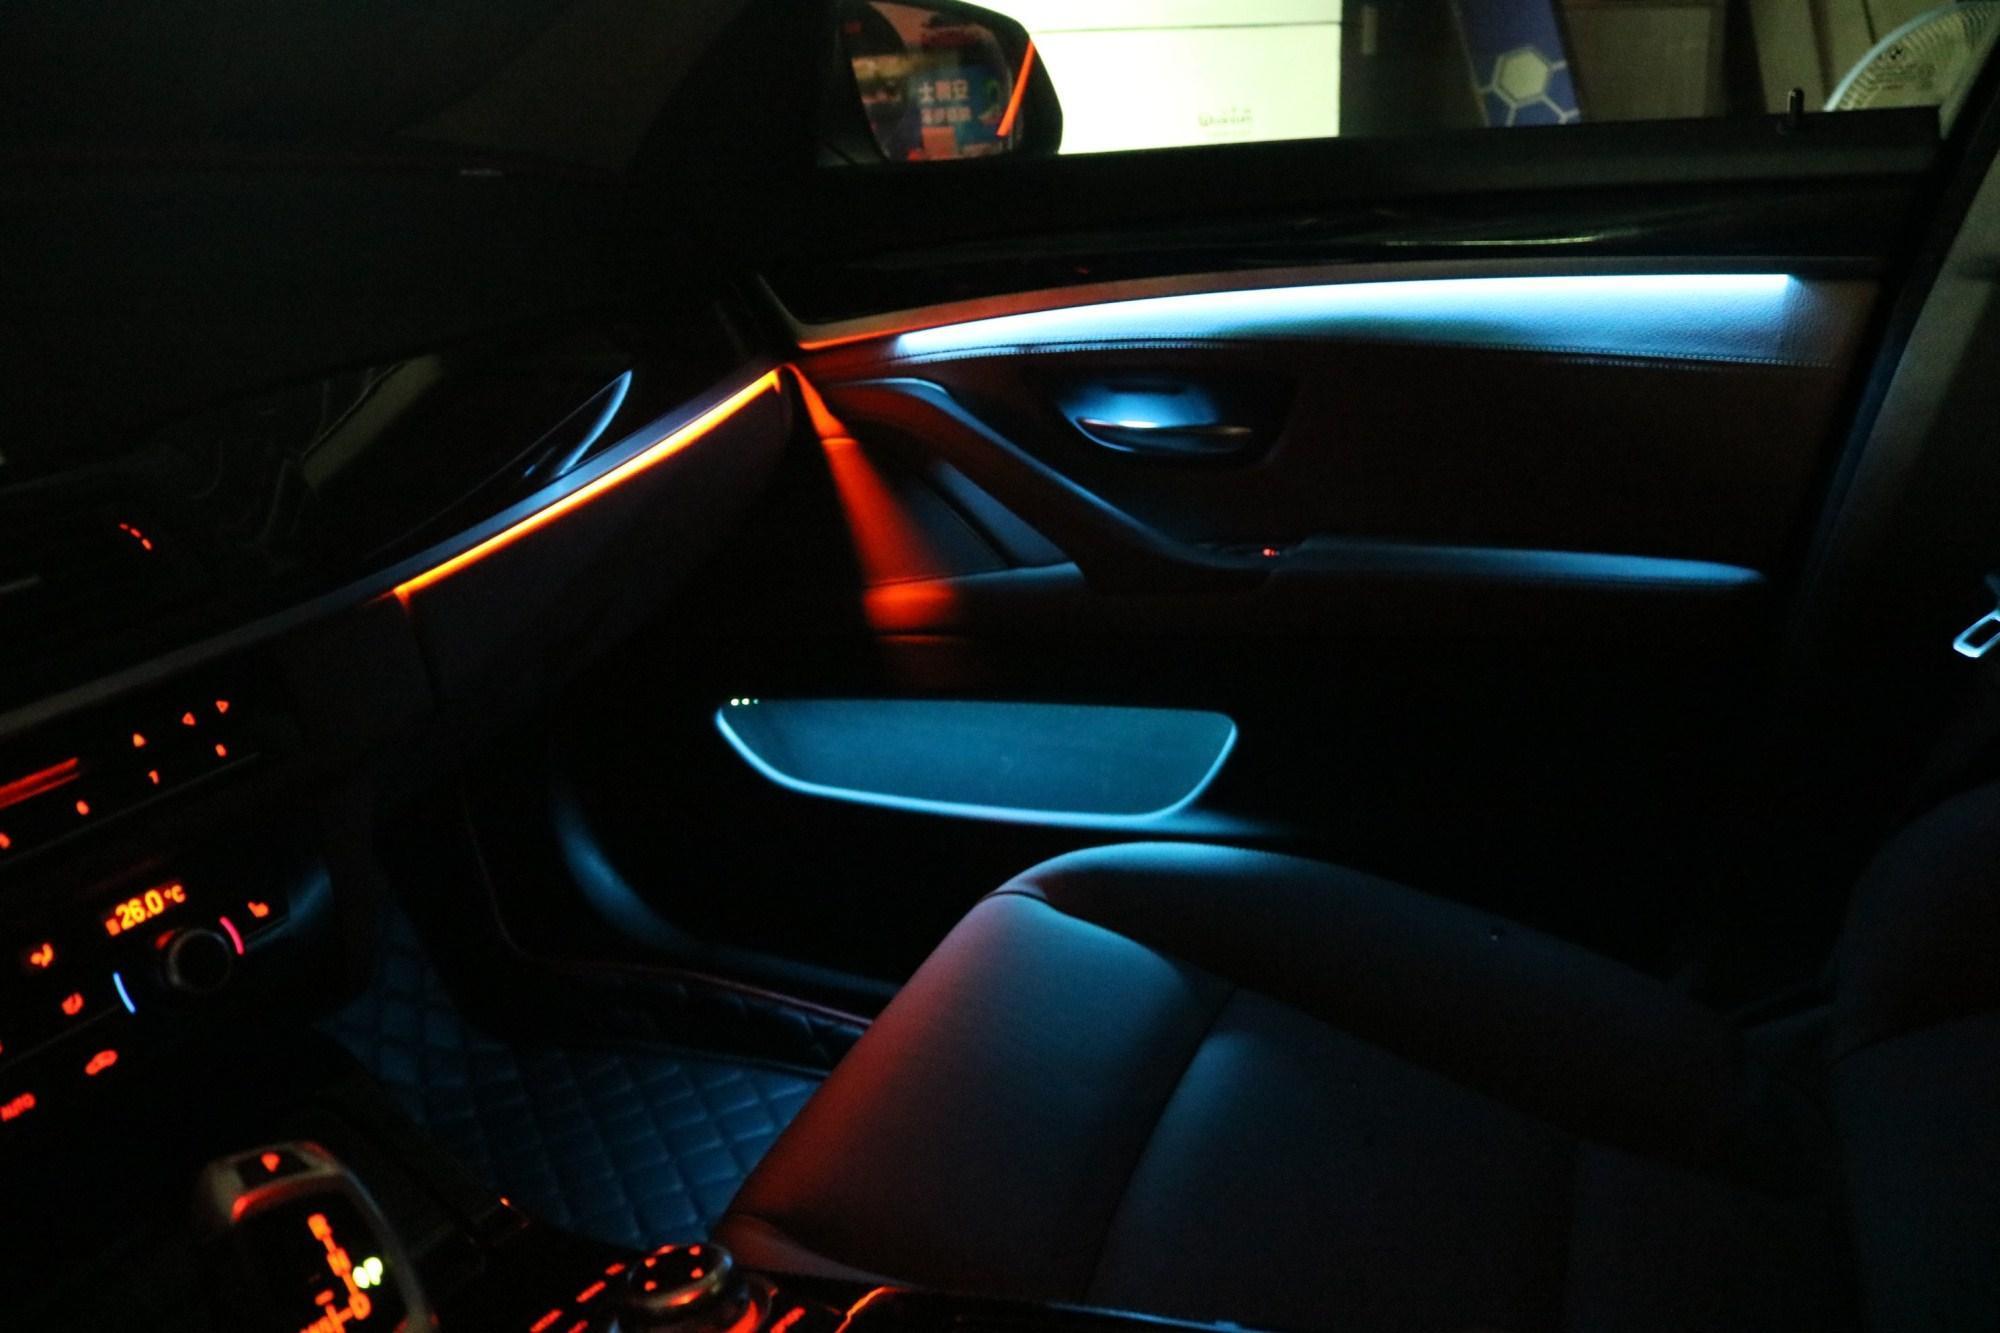 源科灯珠造的汽车氛围灯打造不一样的驾乘环境,给你不一样的体验